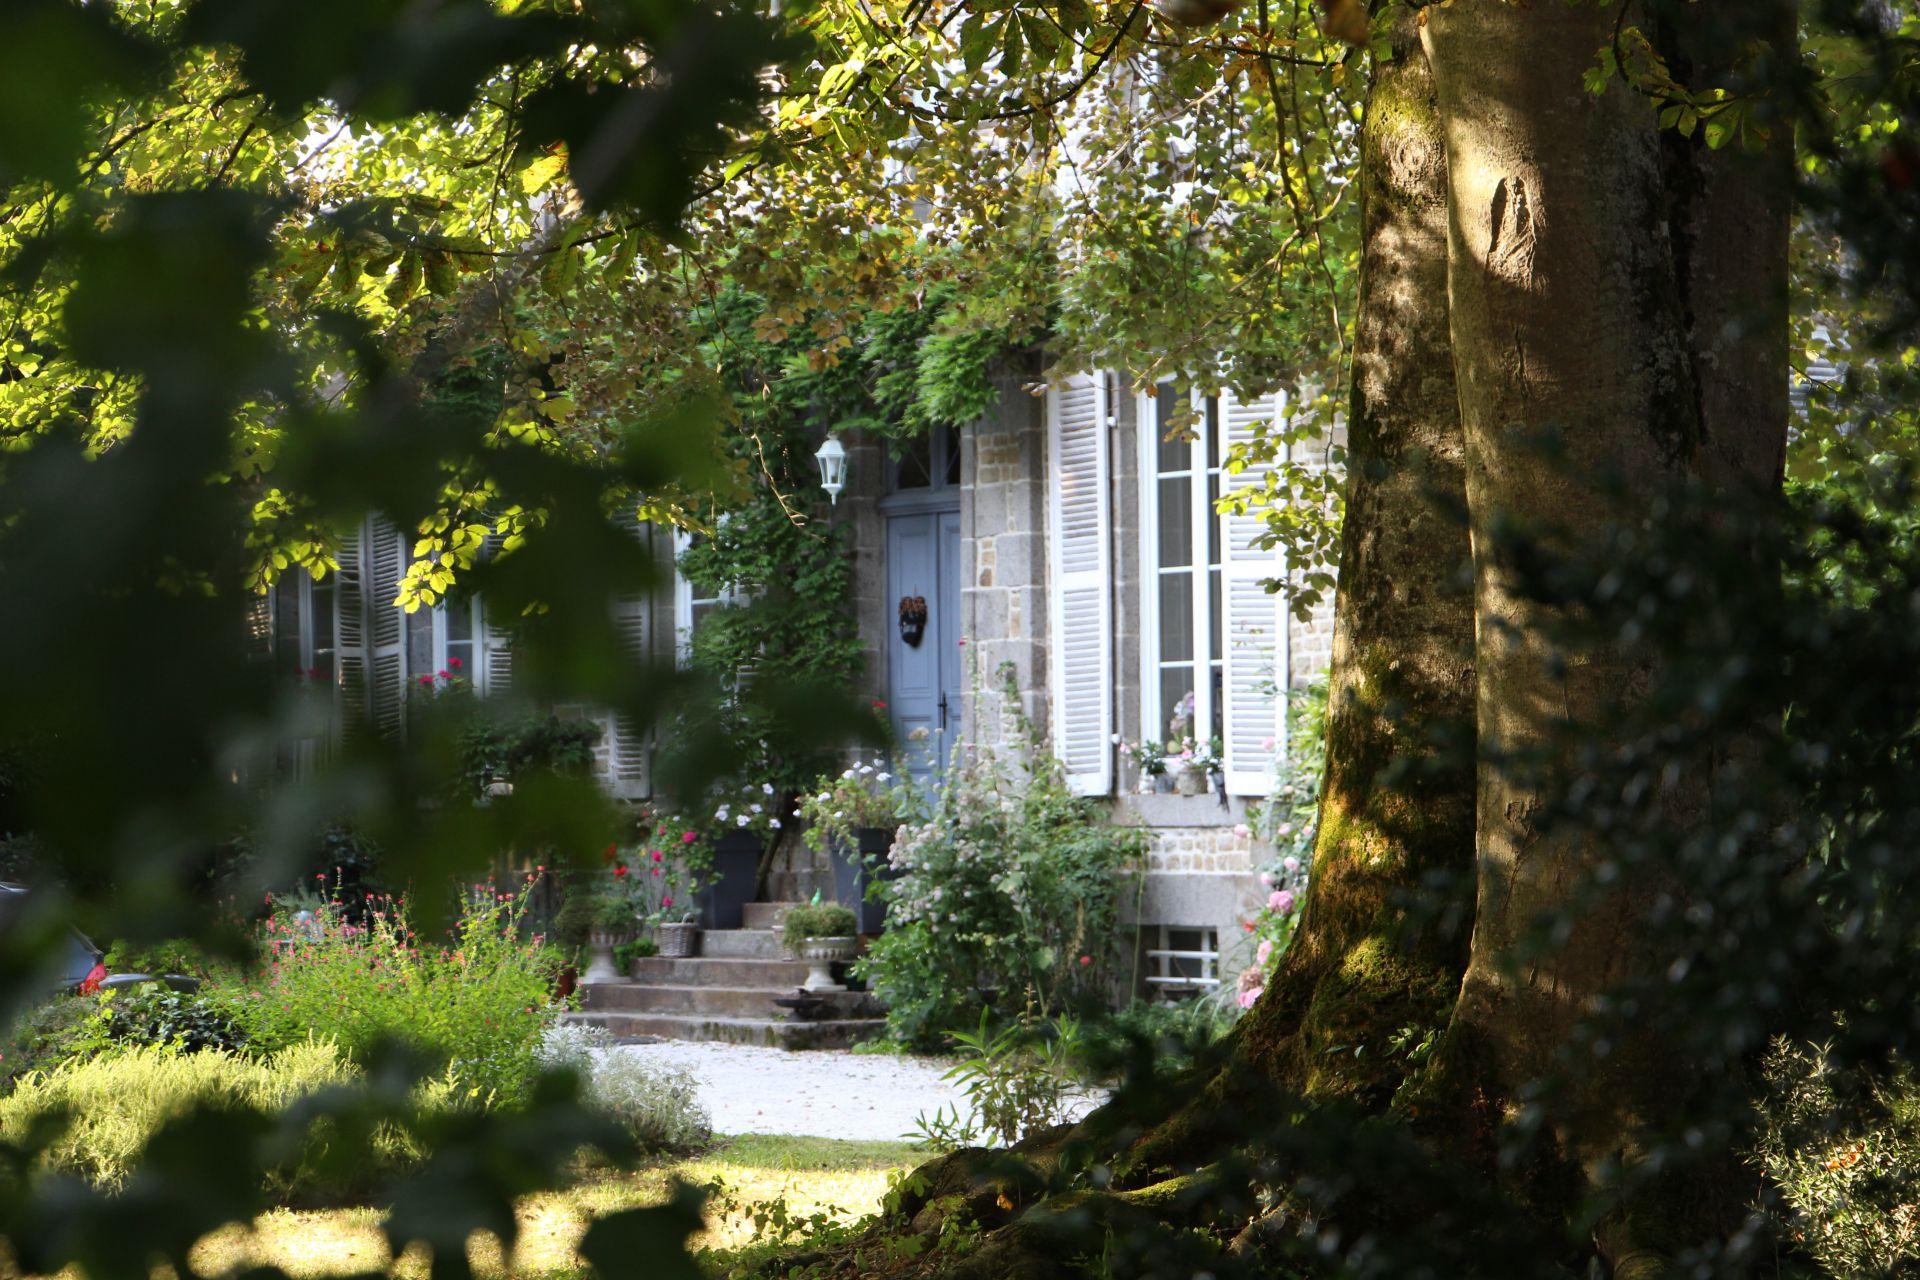 Bed & Breakfast Jardins Secrets in Avranches